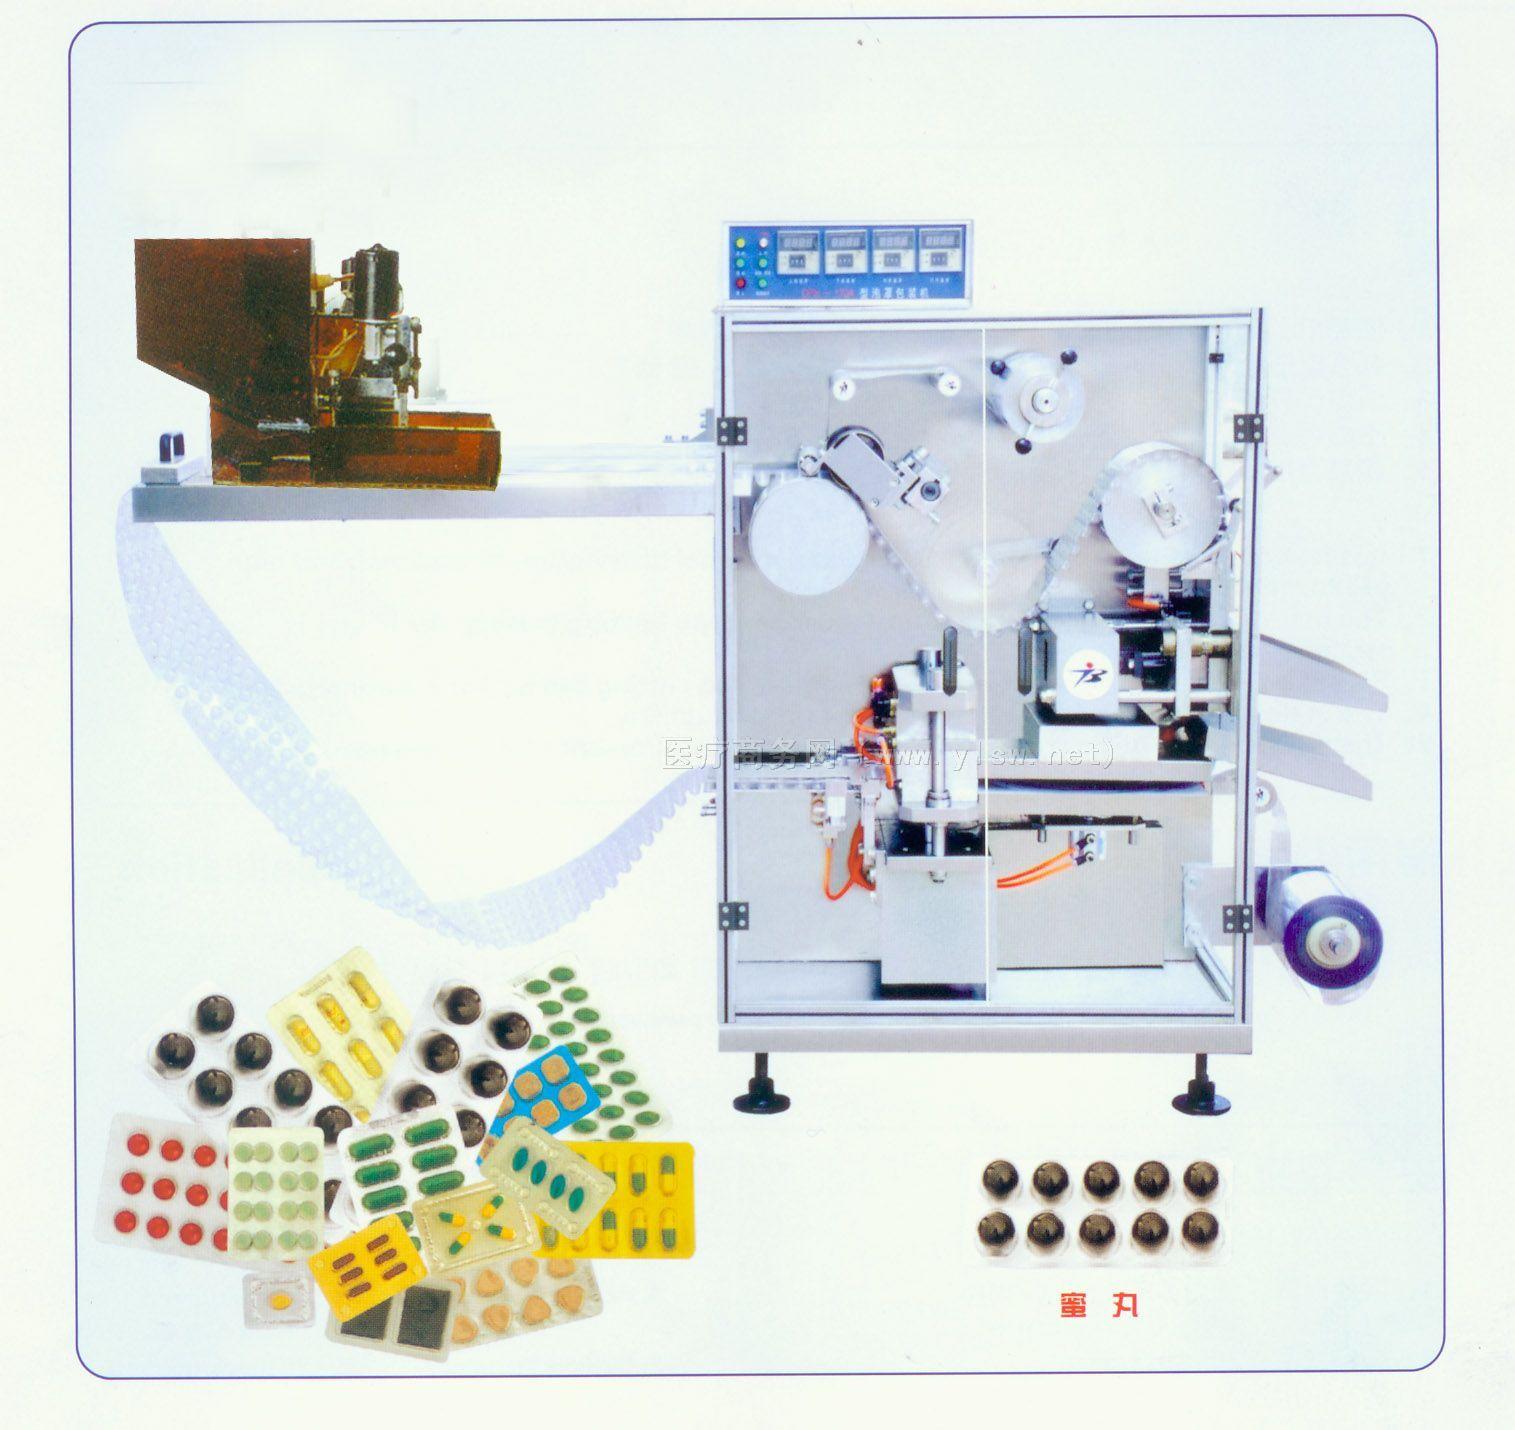 供应大蜜丸铝塑泡罩包装机、药品包装机、泡罩包装机、铝塑泡罩包装机